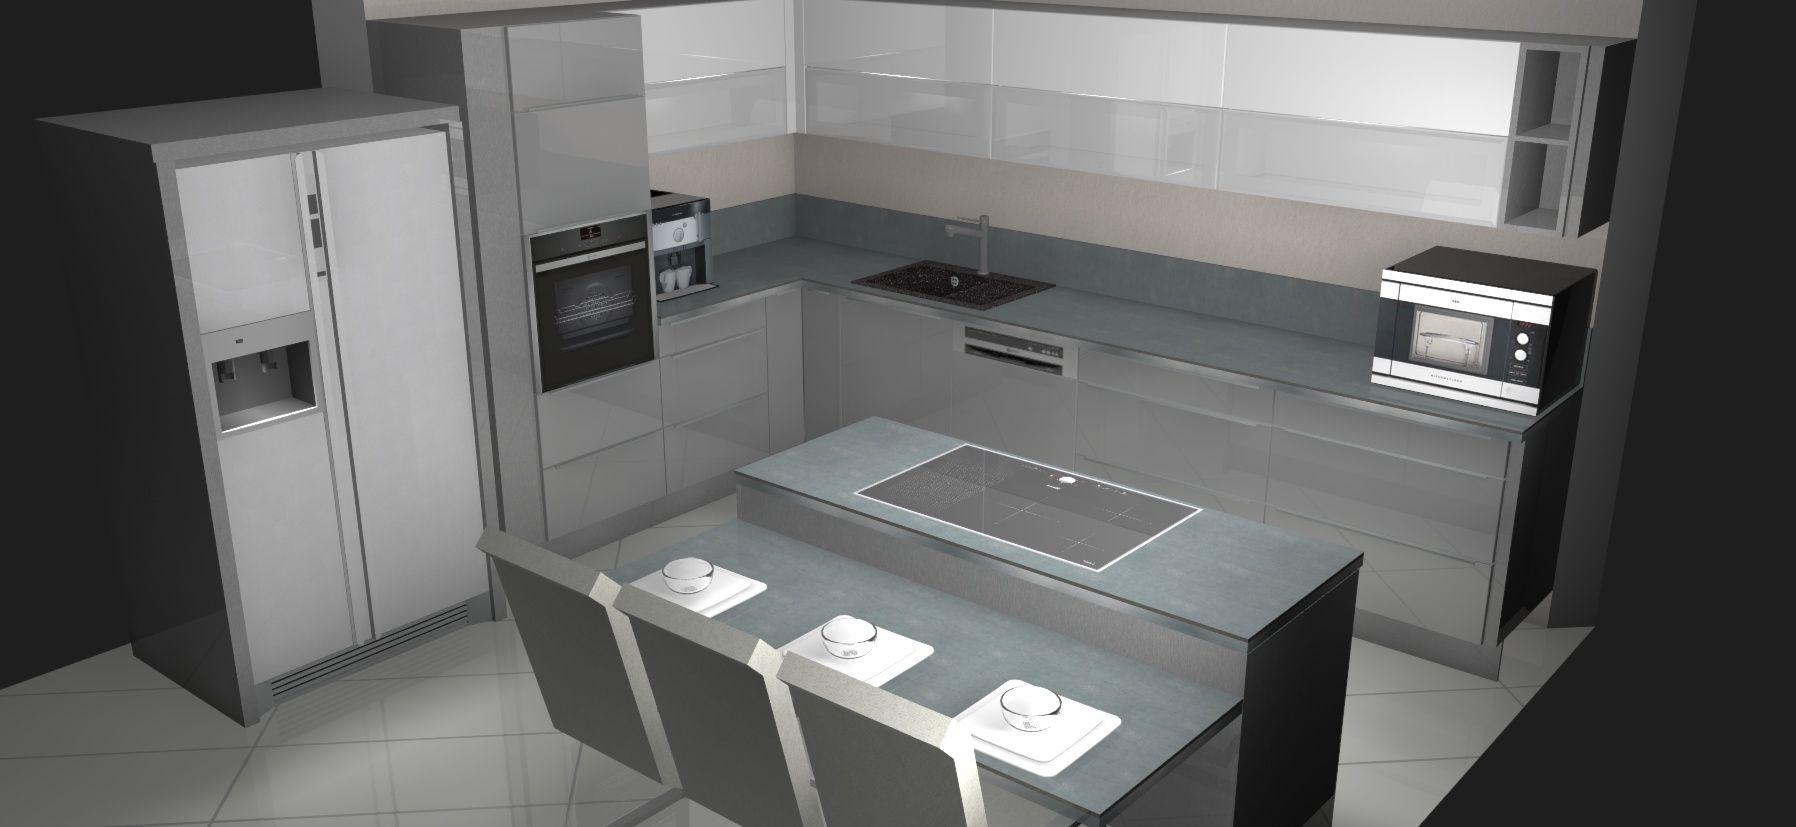 Küchenstudios Hannover küchendesign kochinsel küchenstudio noack lehrte bei hannover